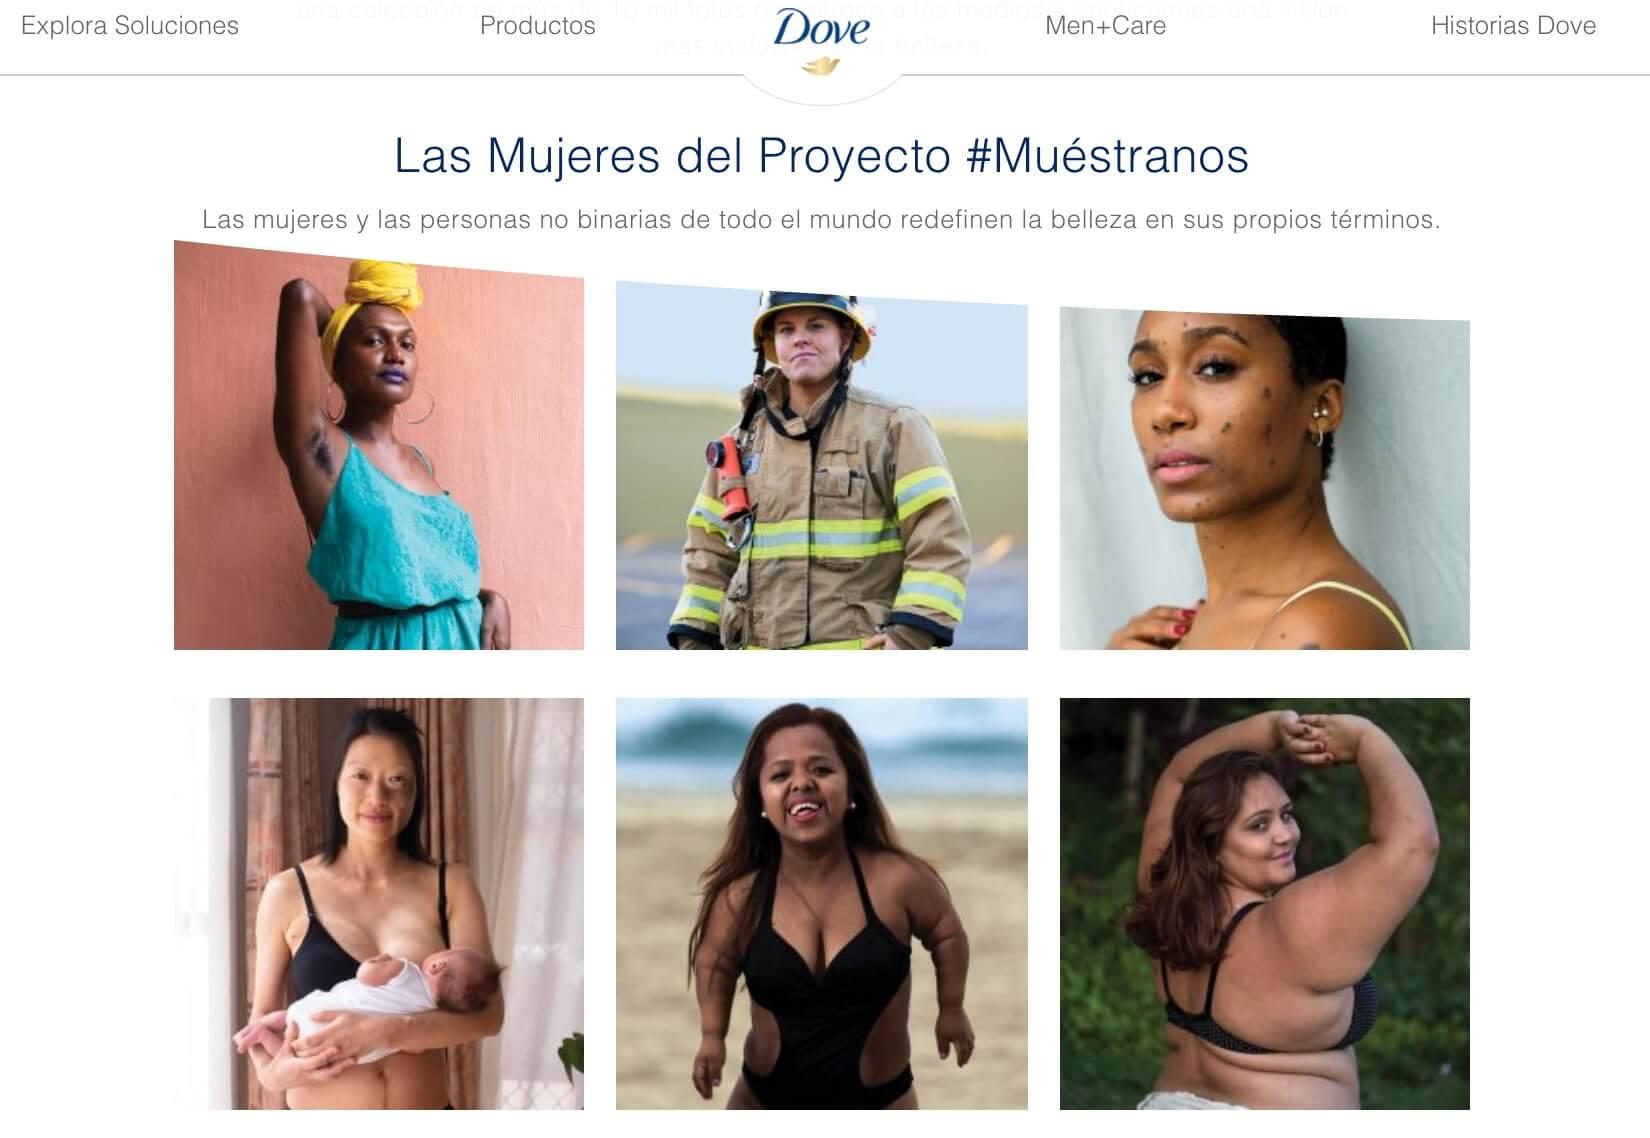 Ejemplo de estrategia de publicidad, Dove #Múestranos